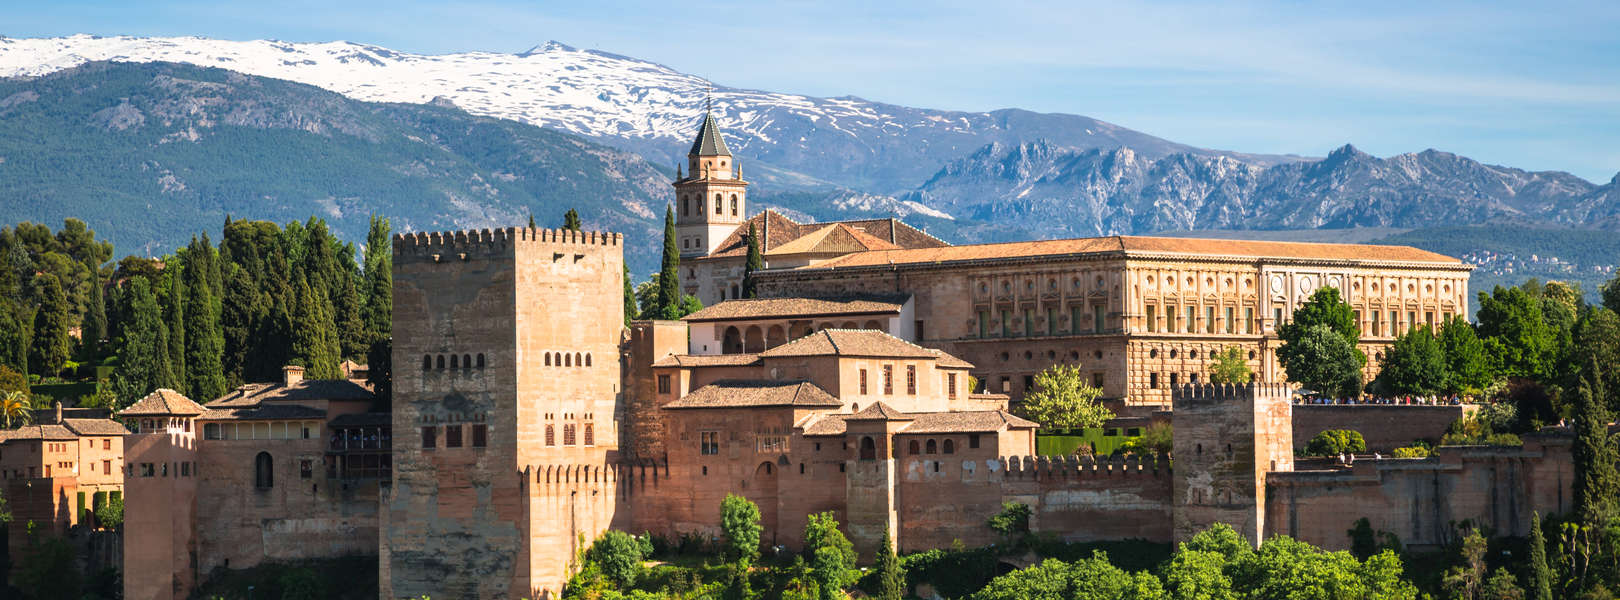 Die Befestigungsanlage Alhambra in Granada Spanien